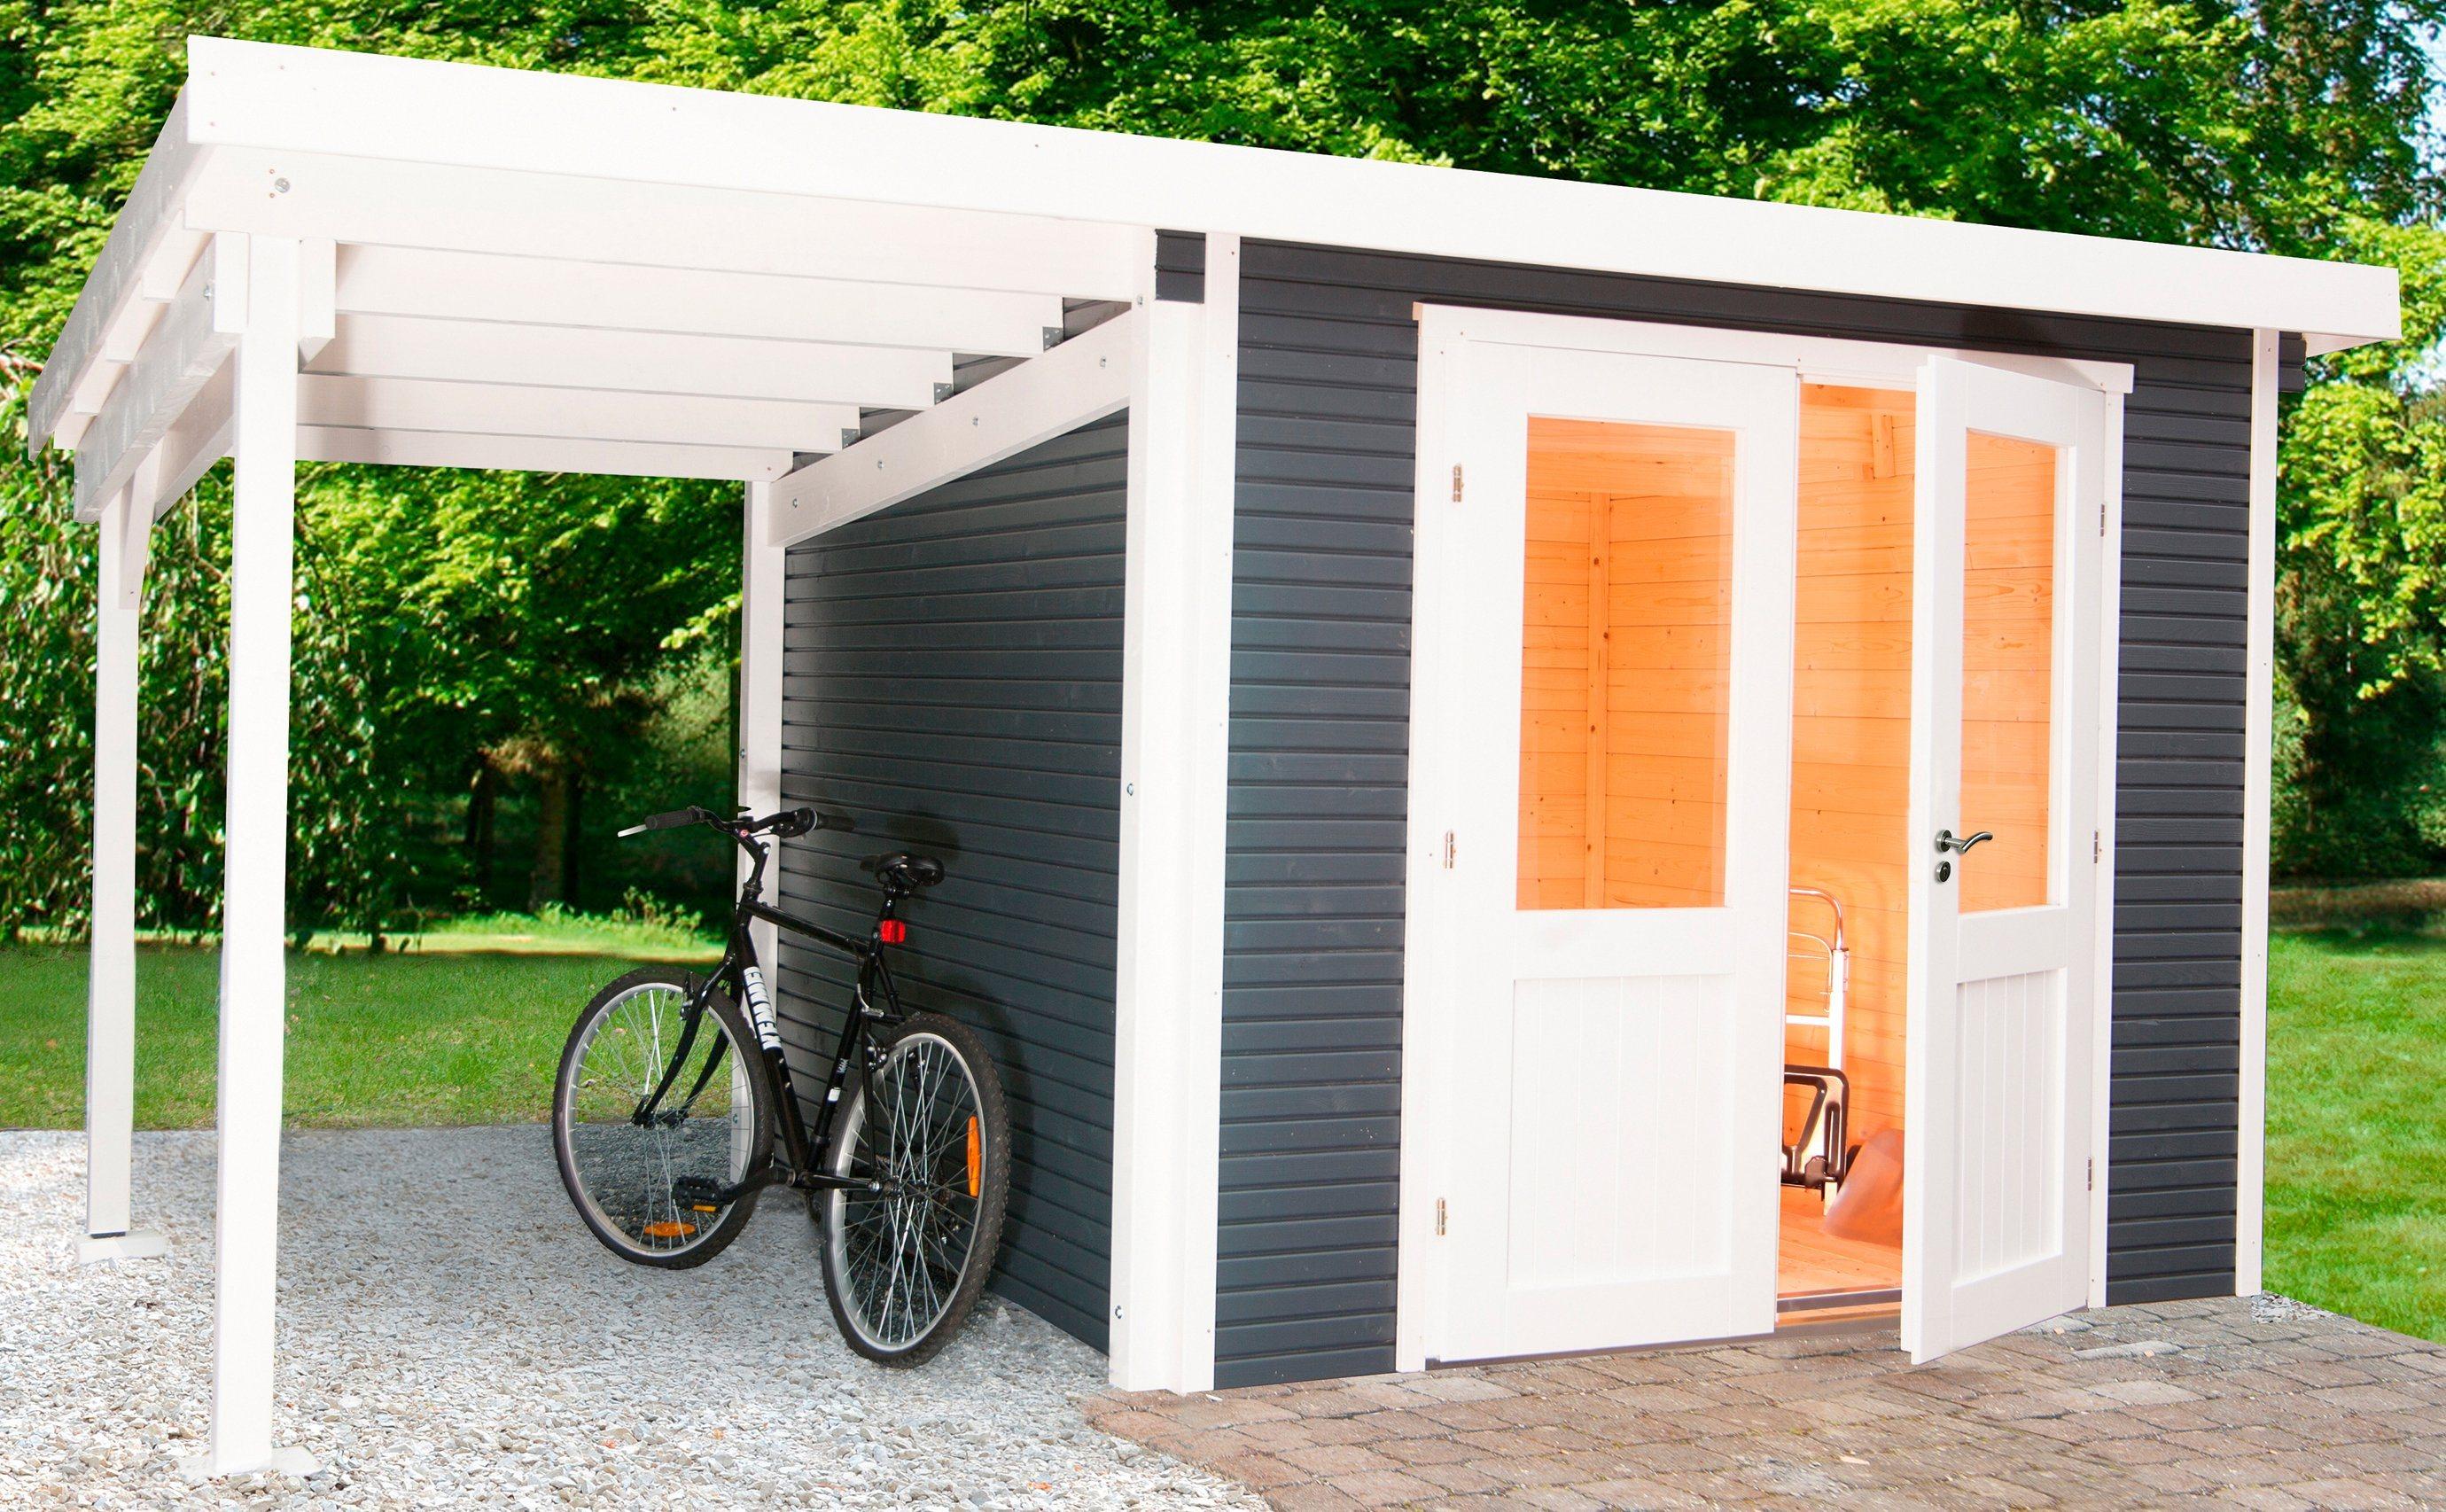 WOLFF Gartenhaus »Pulti Softline 2424«, BxT: 407x286 cm, anthrazit | Garten > Gartenhäuser | Wolff